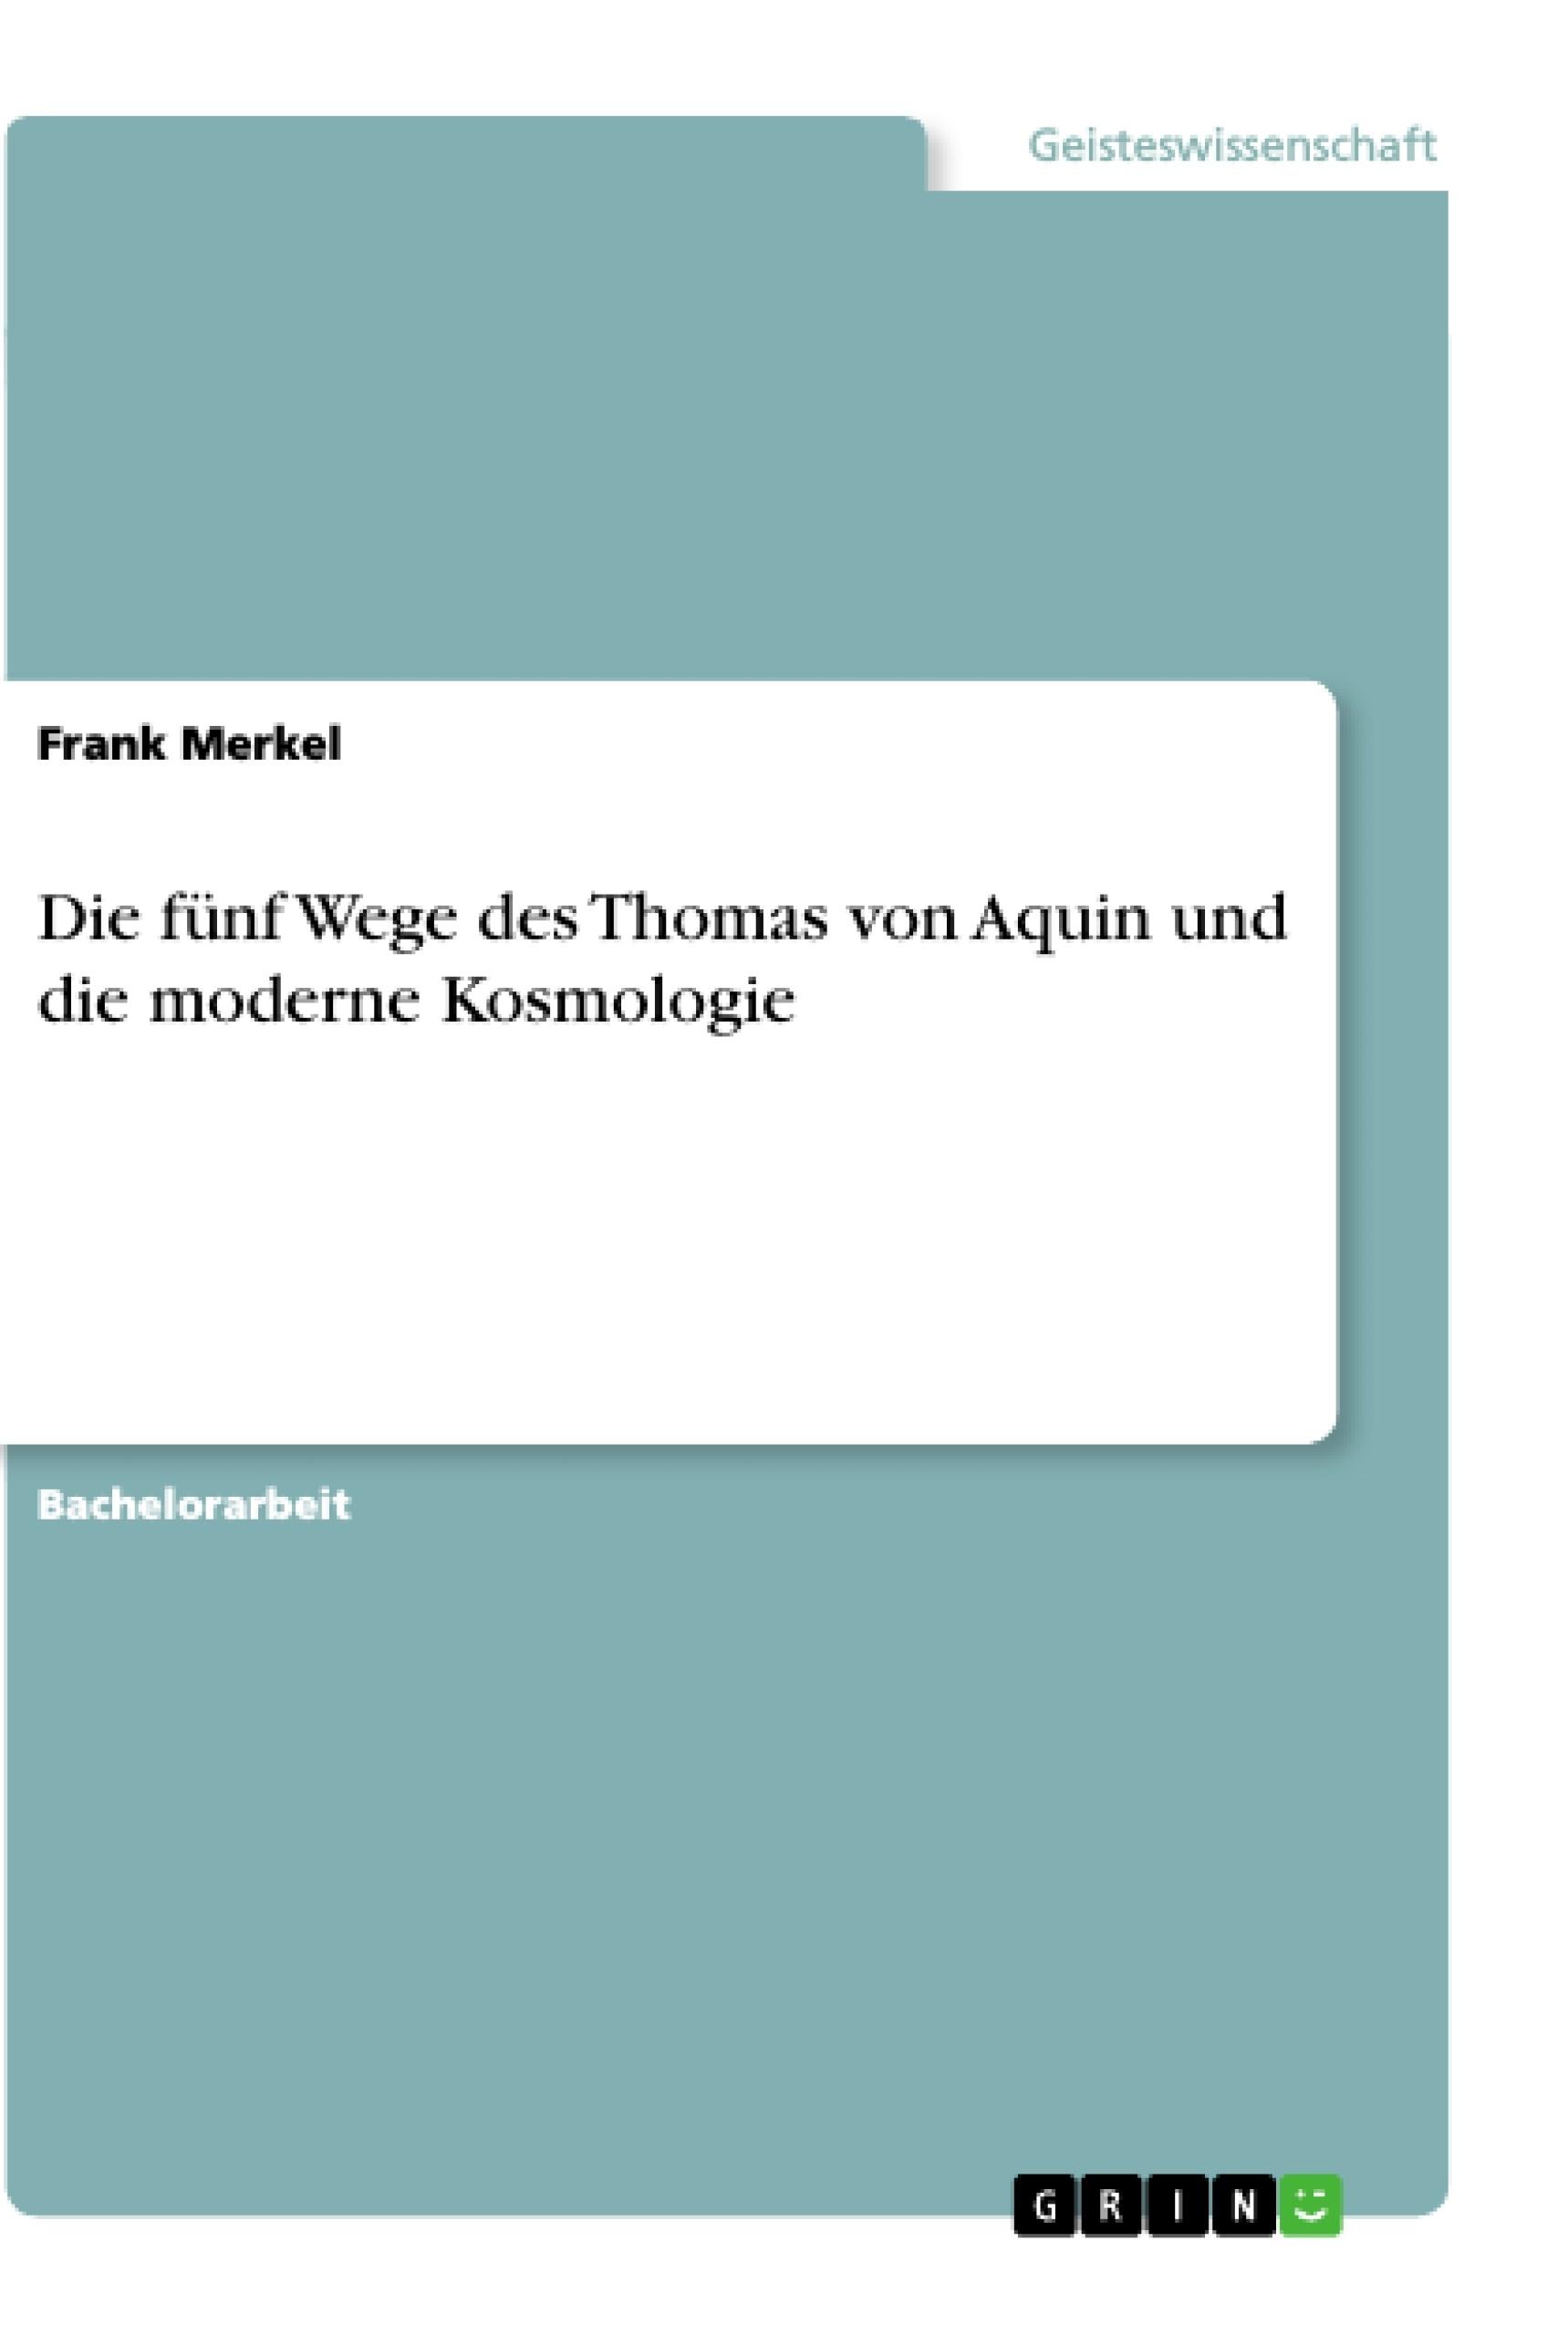 Titel: Die fünf Wege des Thomas von Aquin und die moderne Kosmologie